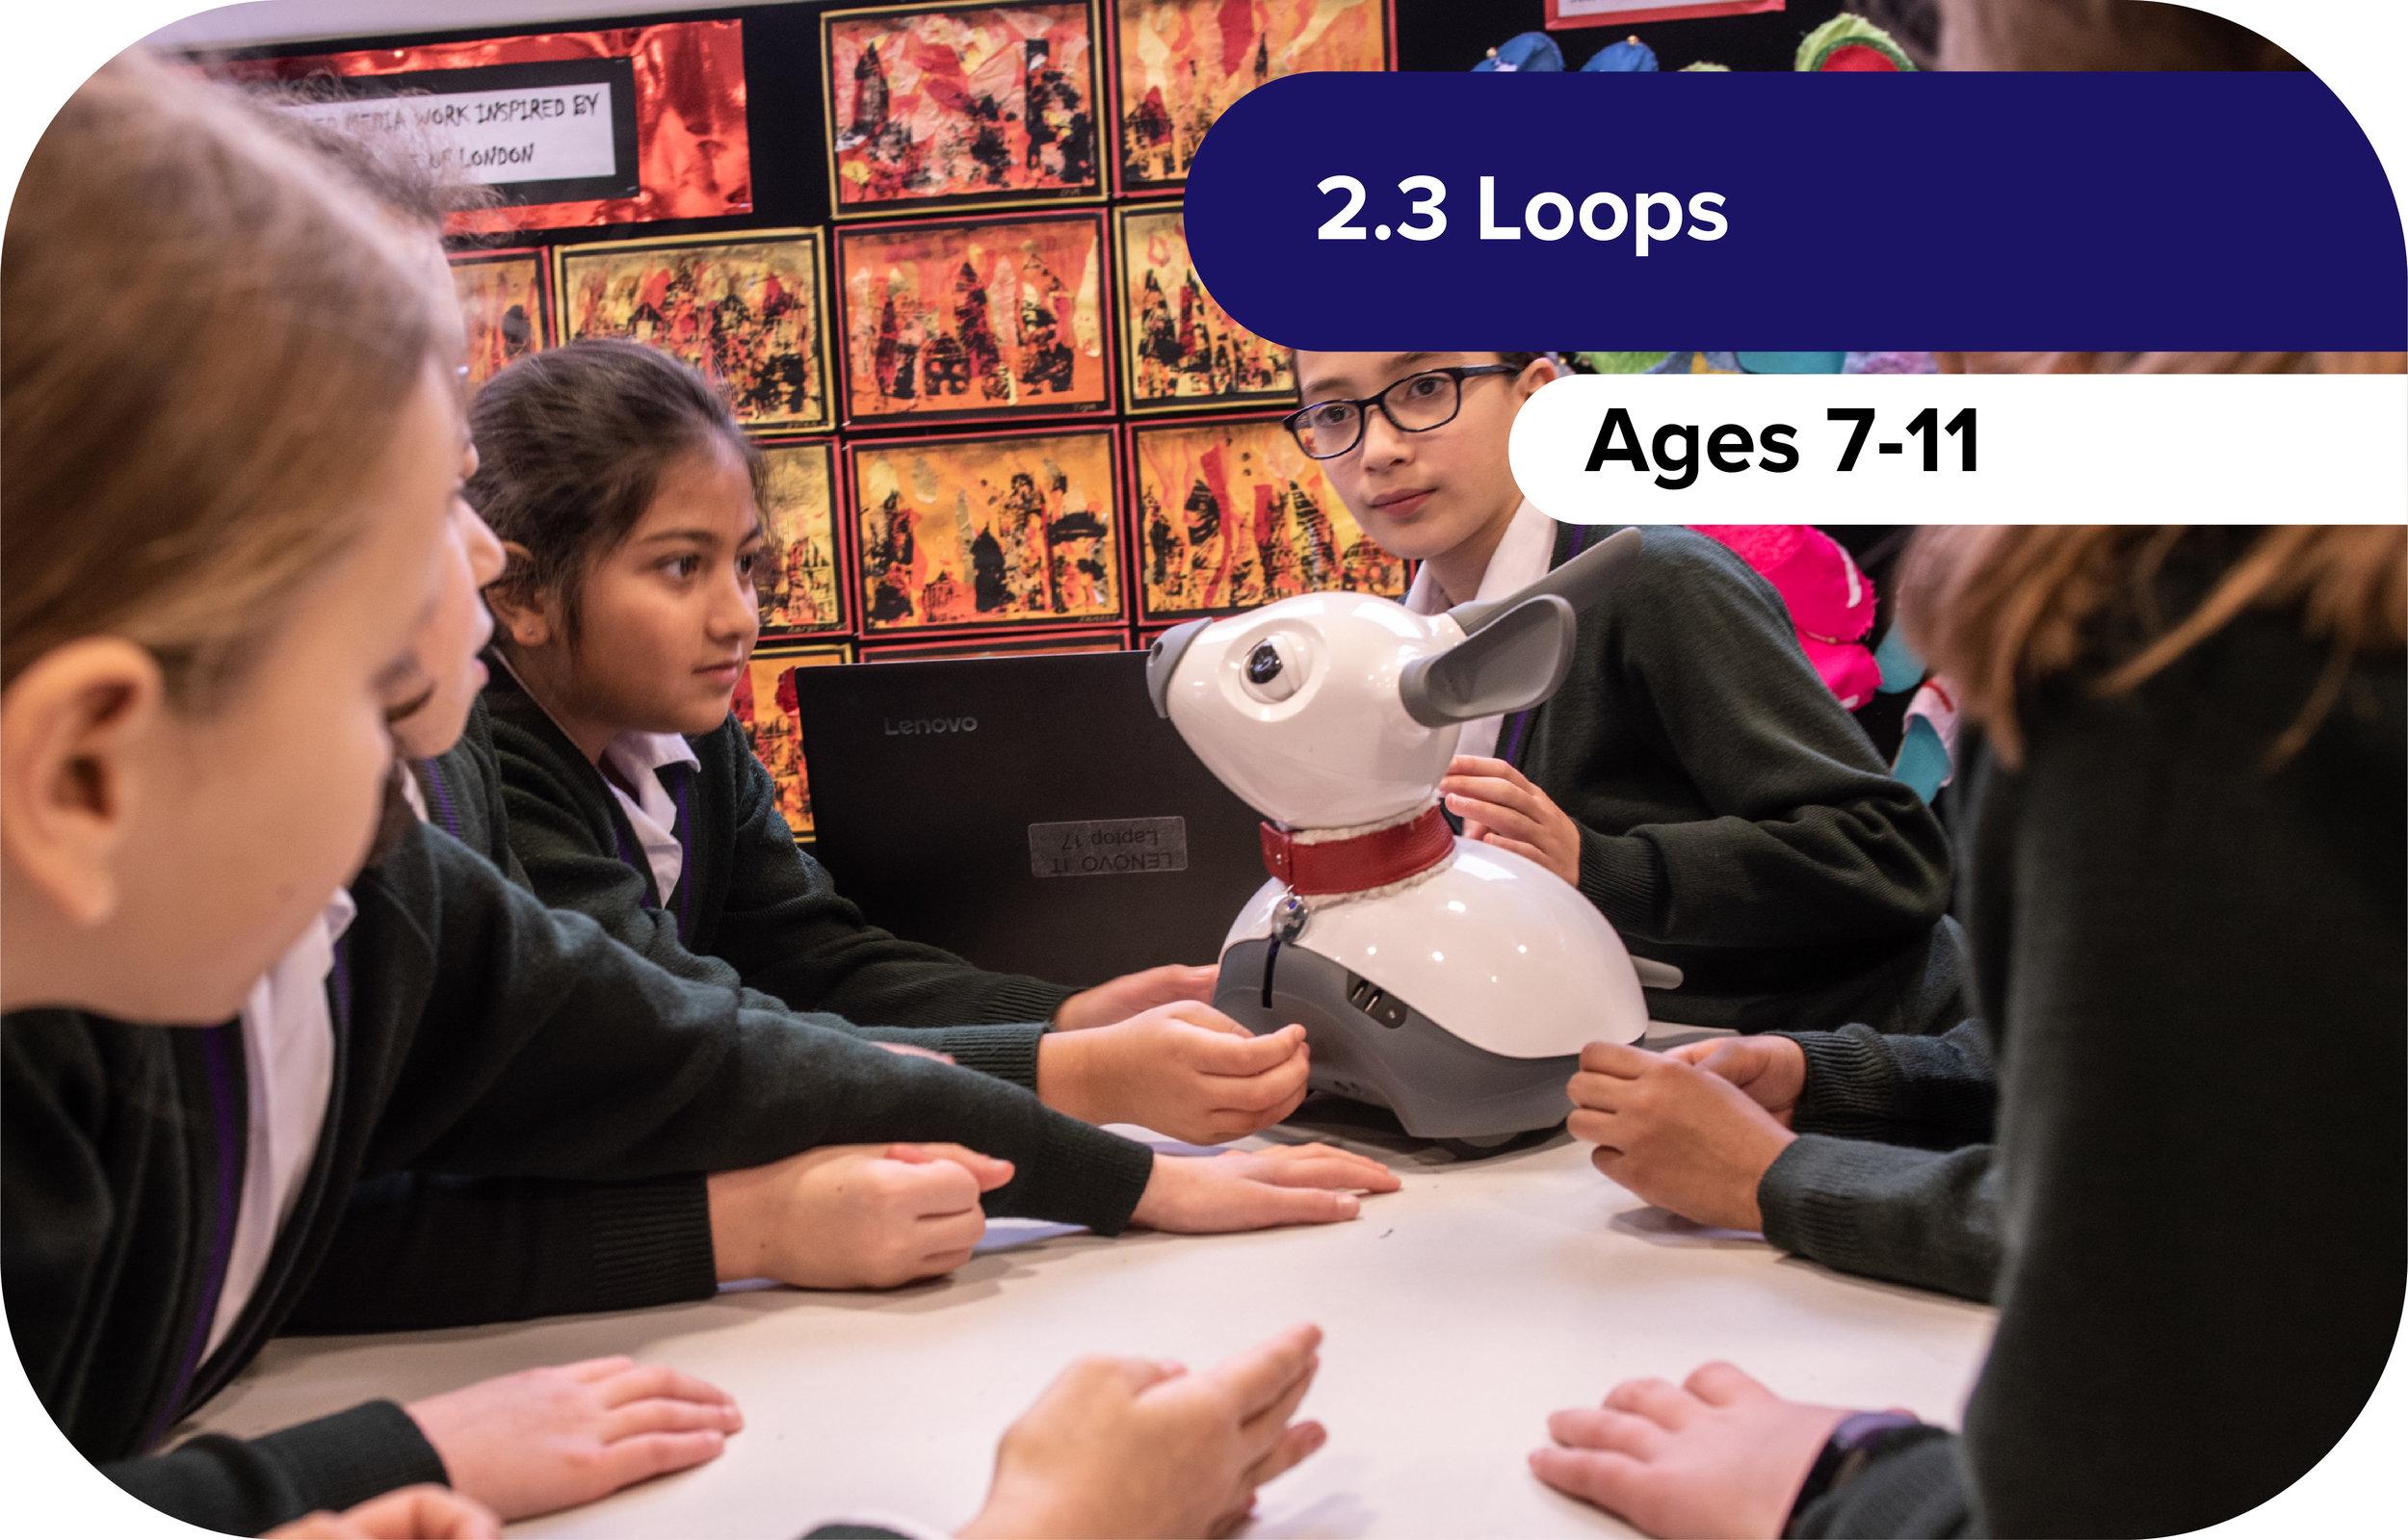 2.3 Loops